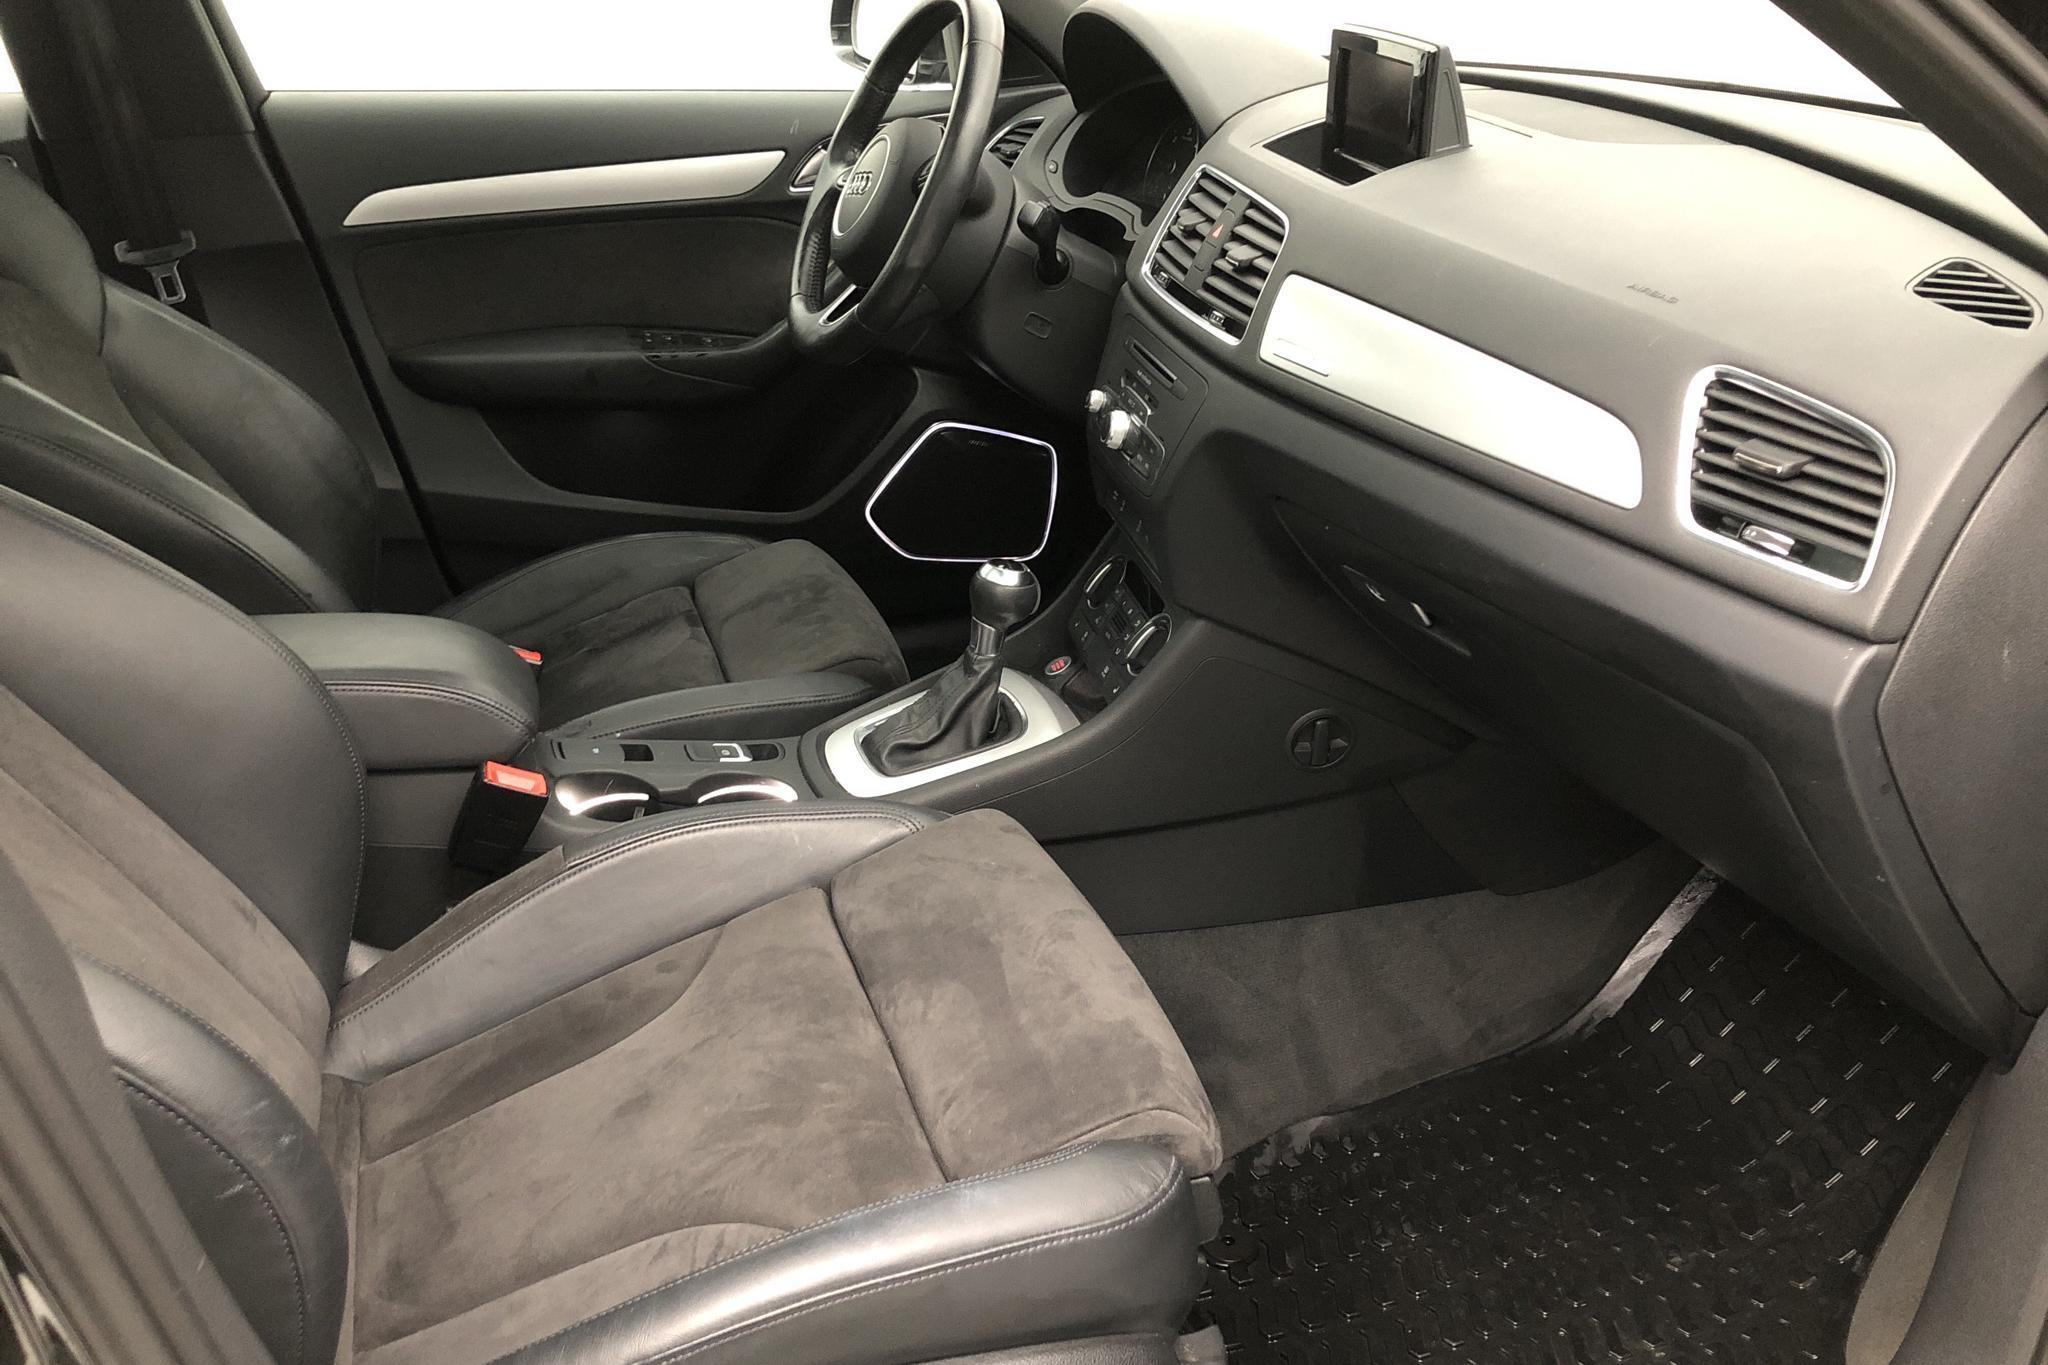 Audi Q3 2.0 TDI quattro (184hk) - 8 995 mil - Automat - svart - 2017